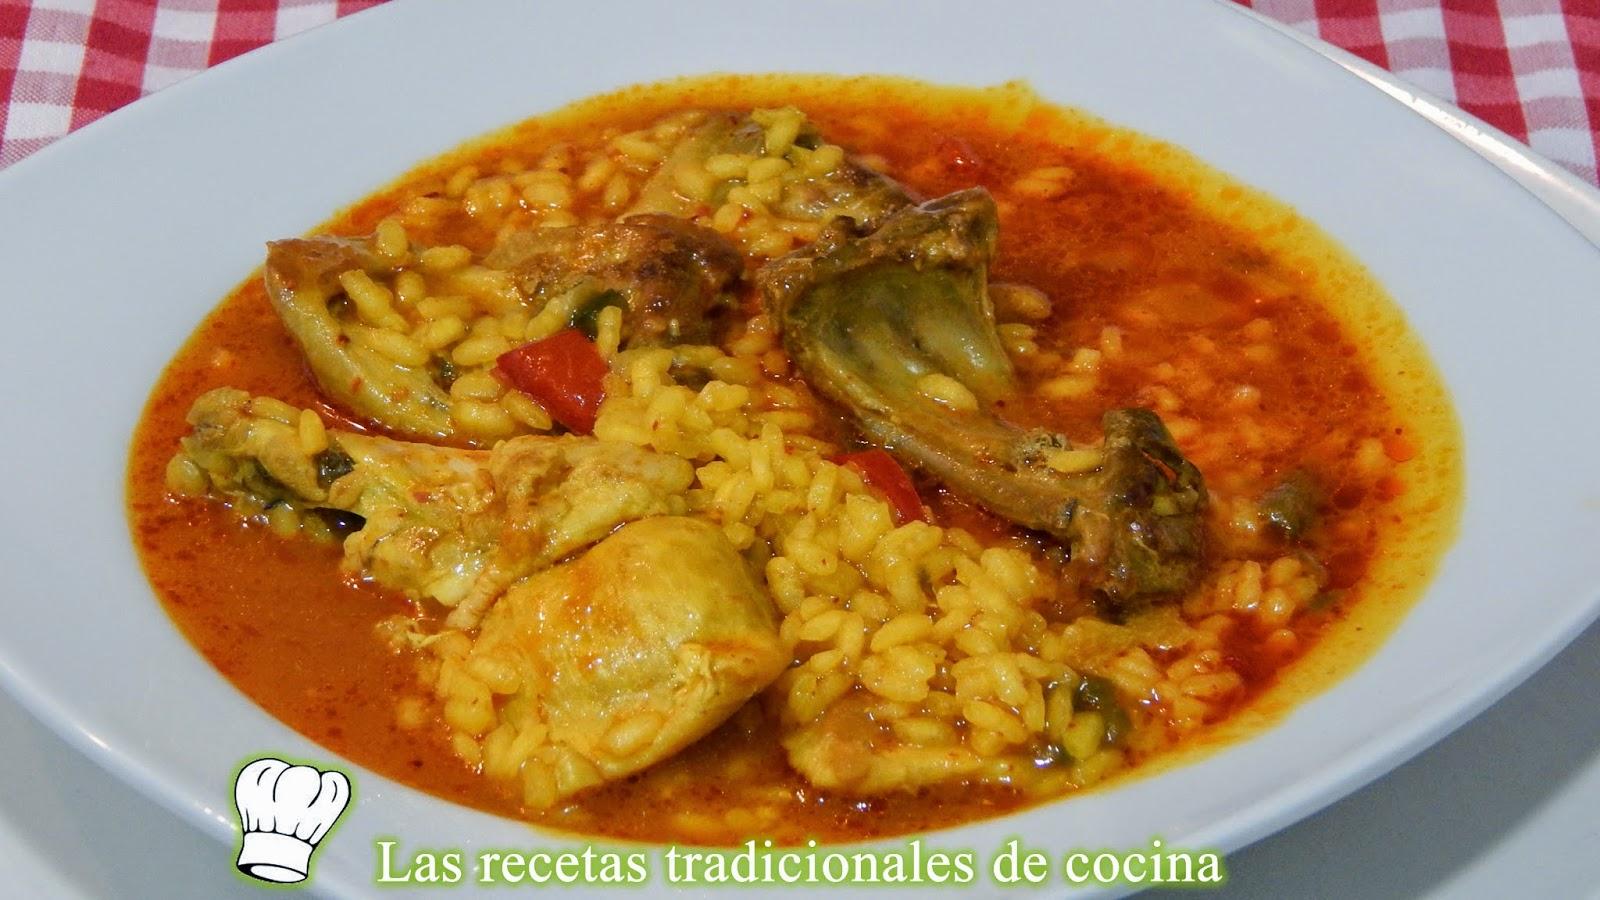 Arroz caldoso de pollo y conejo, receta fácil y casera